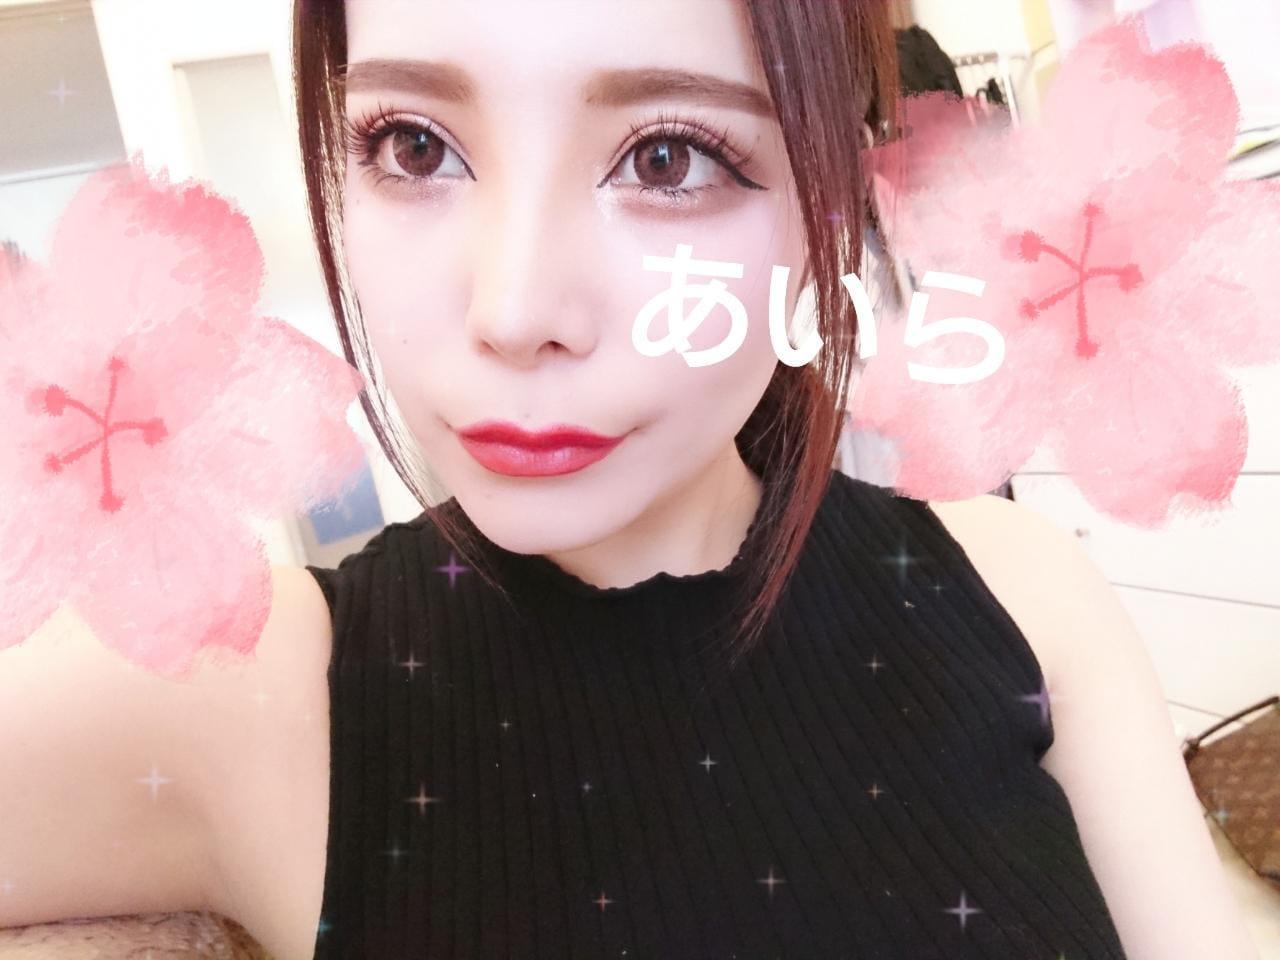 「♡」05/22(火) 13:26 | あいらちゃん☆☆☆の写メ・風俗動画